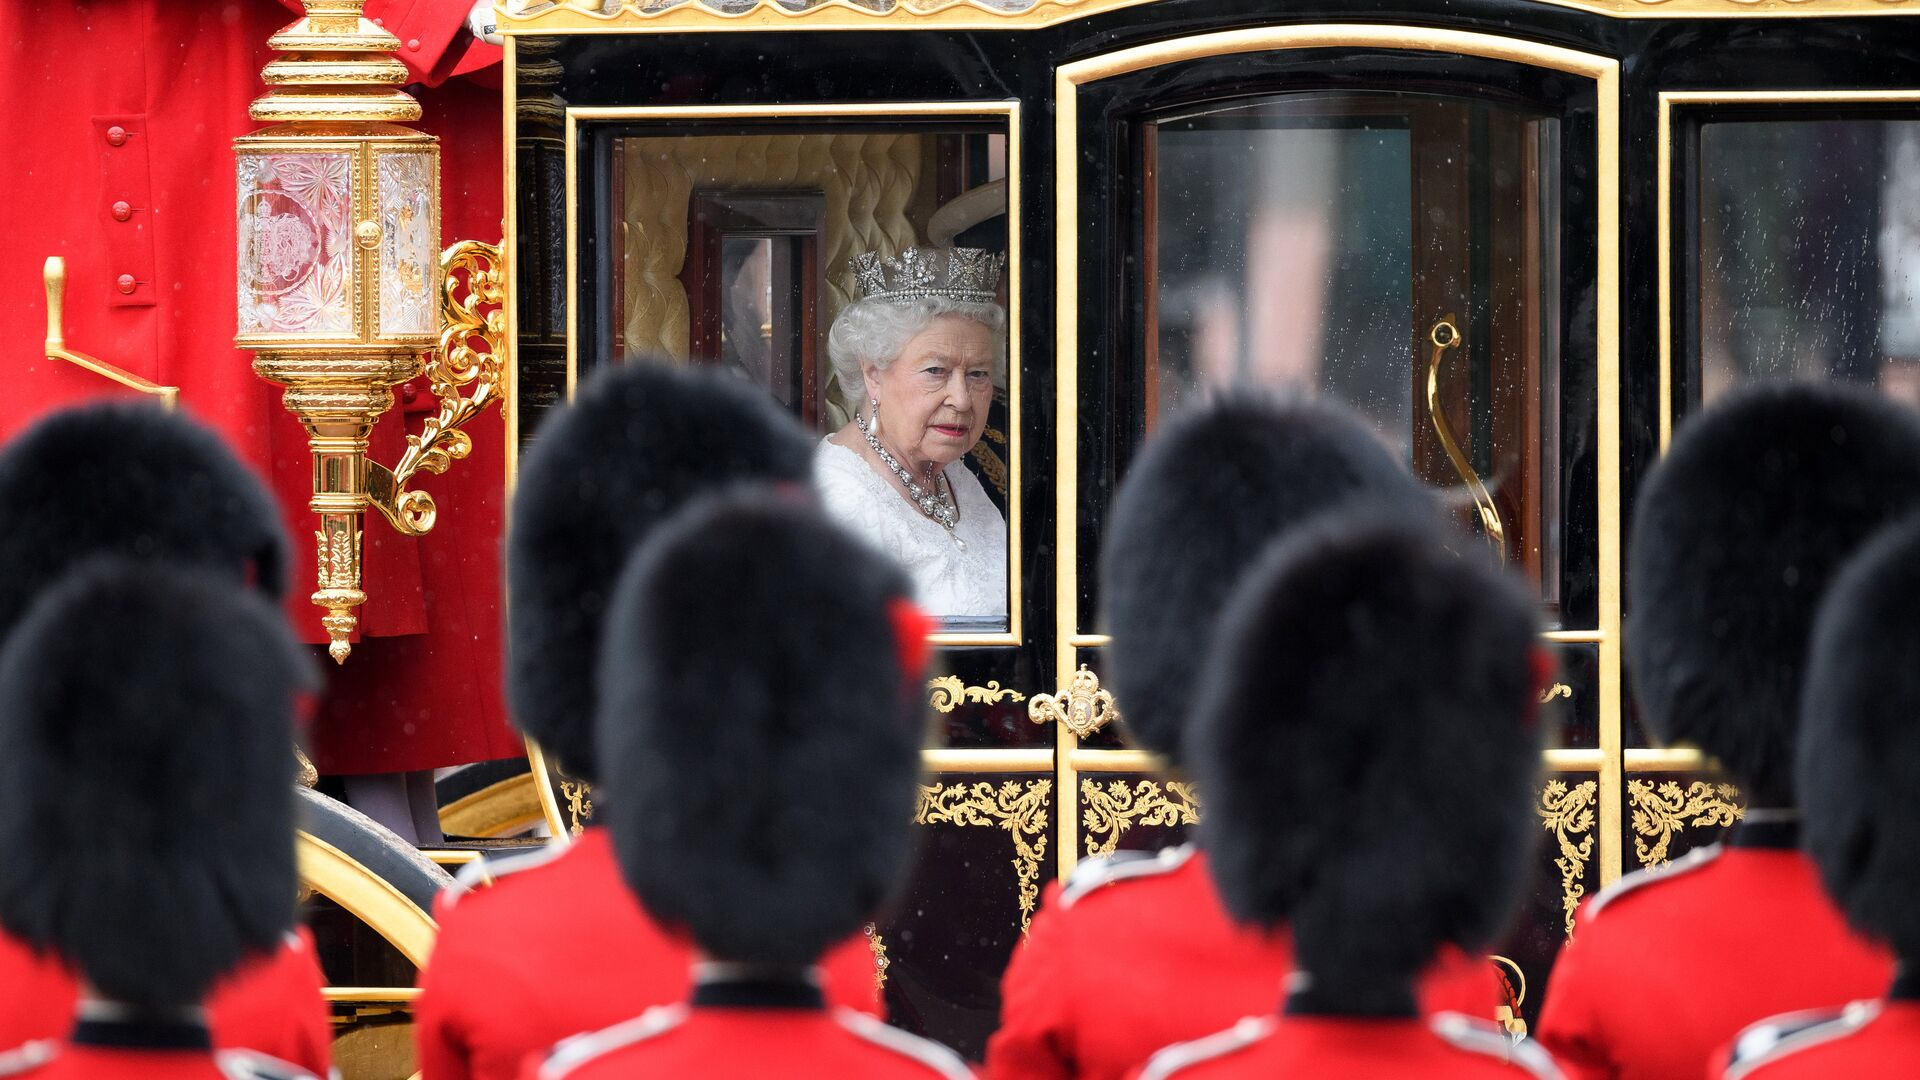 Королева Великобритании Елизавета II перед выступлением в Палате лордов британского парламента - РИА Новости, 1920, 07.08.2021